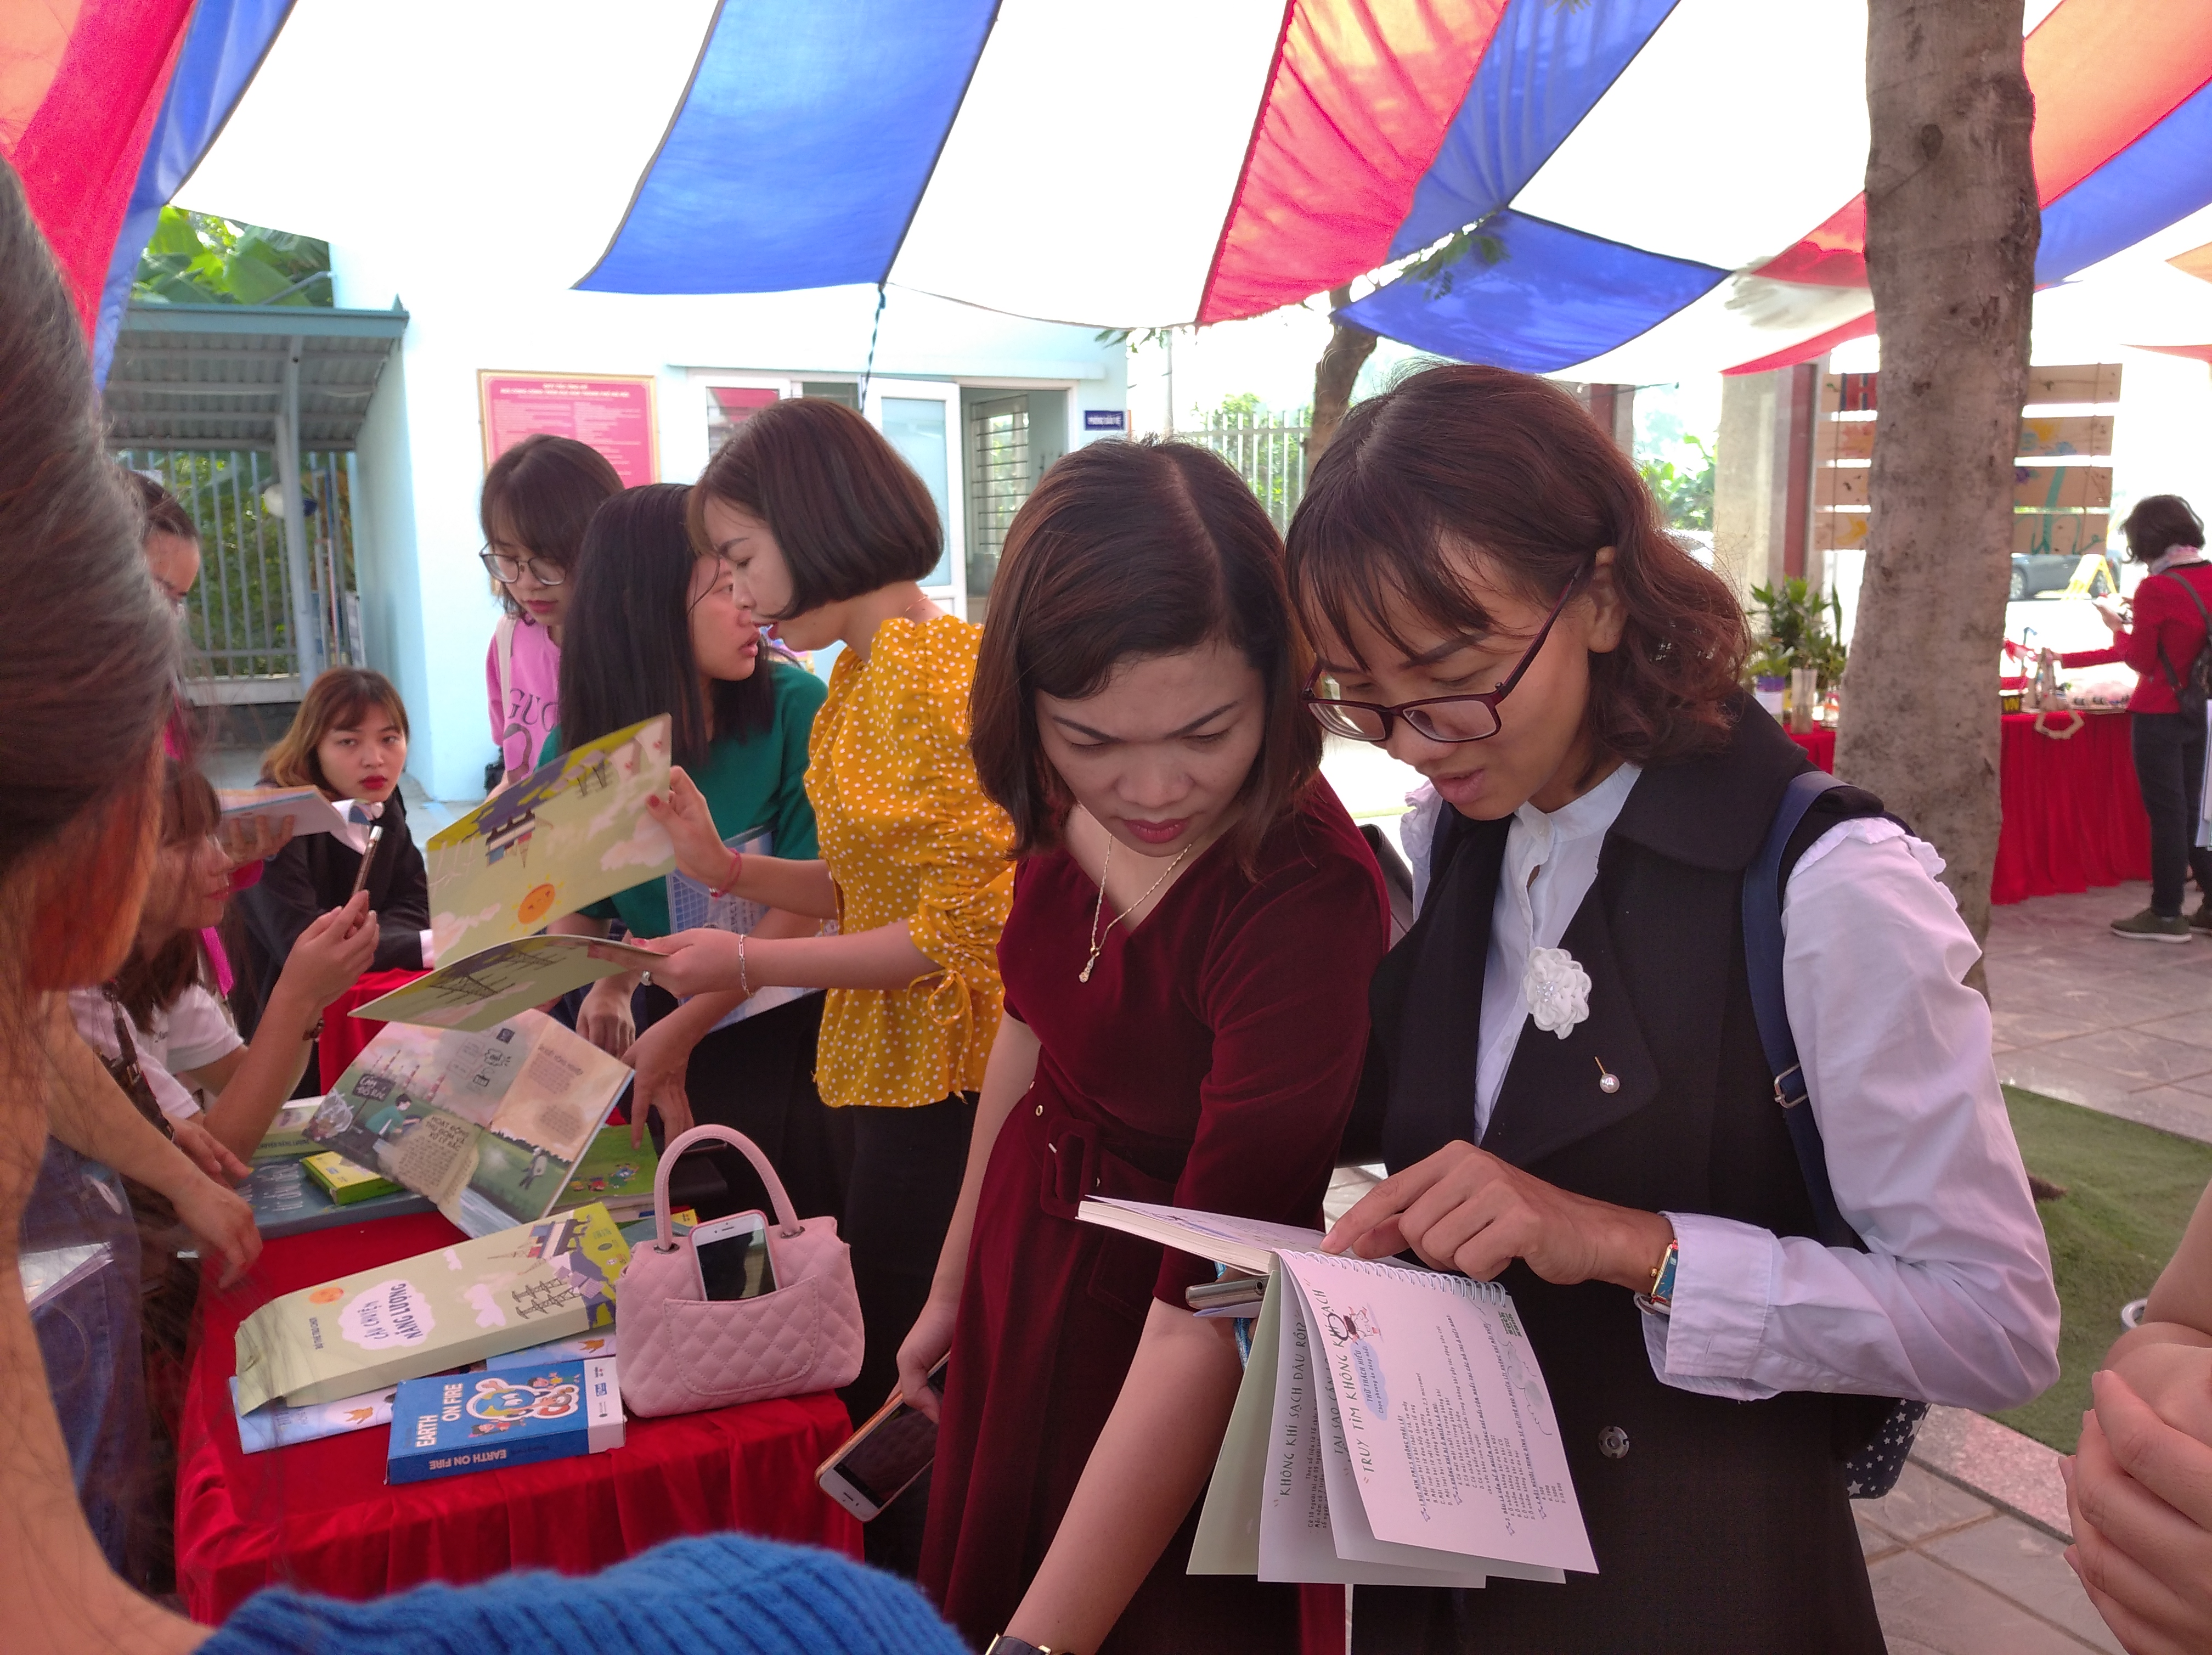 Phụ huynh trao đổi về những cuốn sách, học liệu liên quan đến trái đất và môi trường